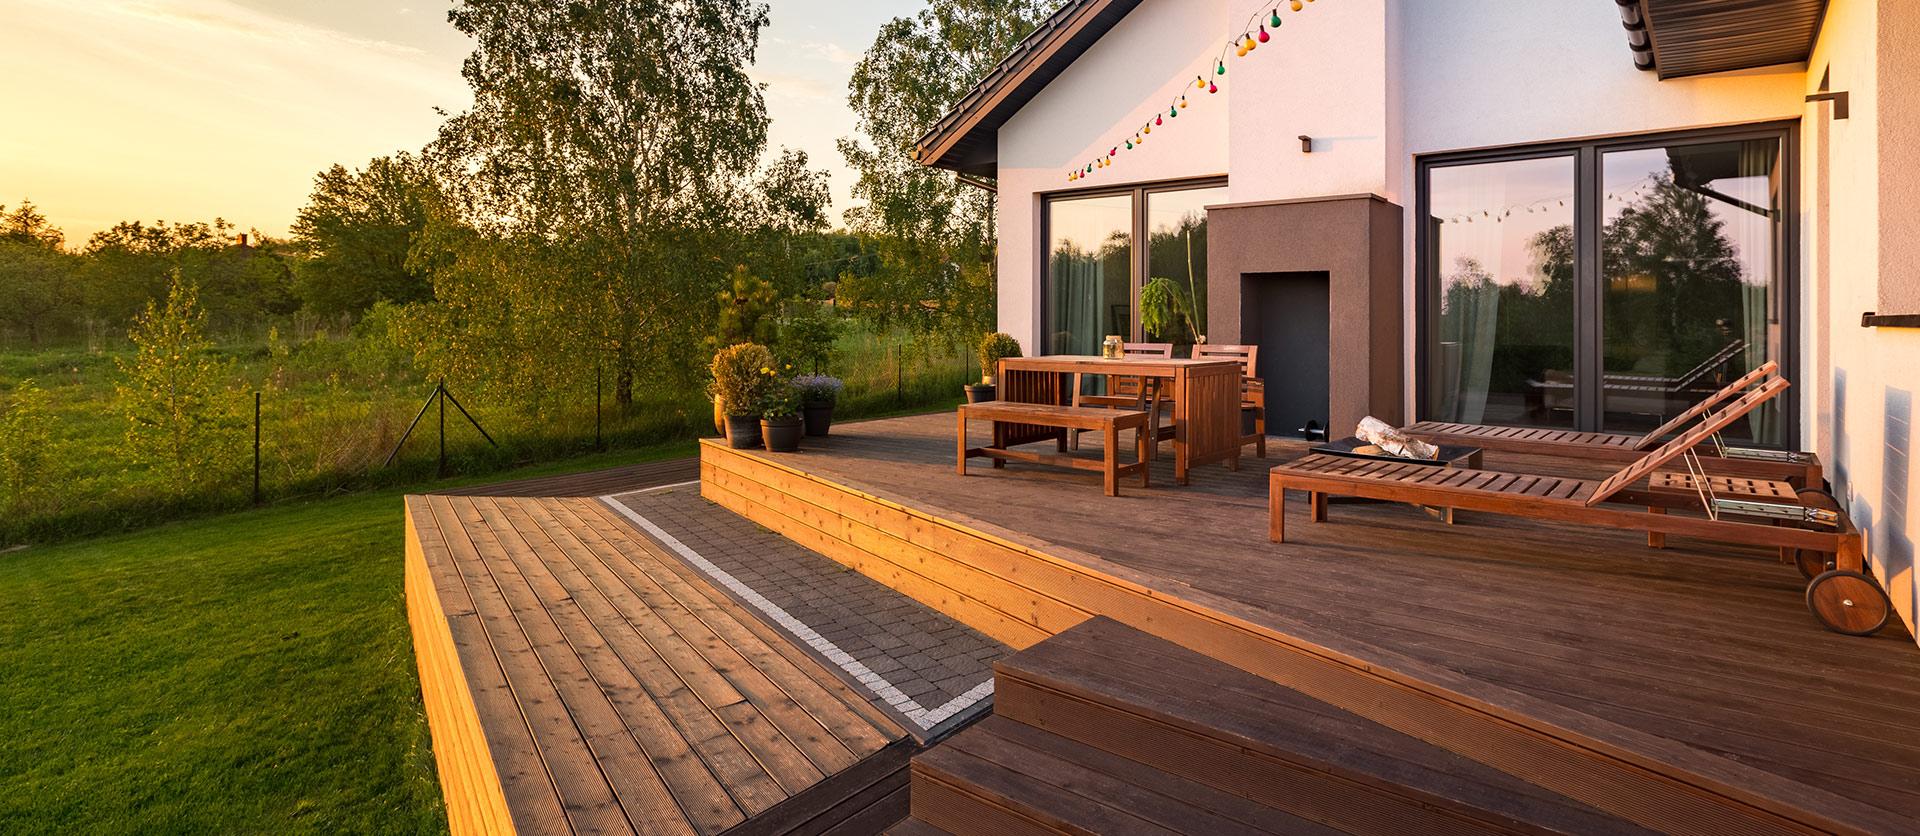 Quel Est Le Meilleur Bois Pour Terrasse entreprise spécialiste de la terrasse en bois en charente